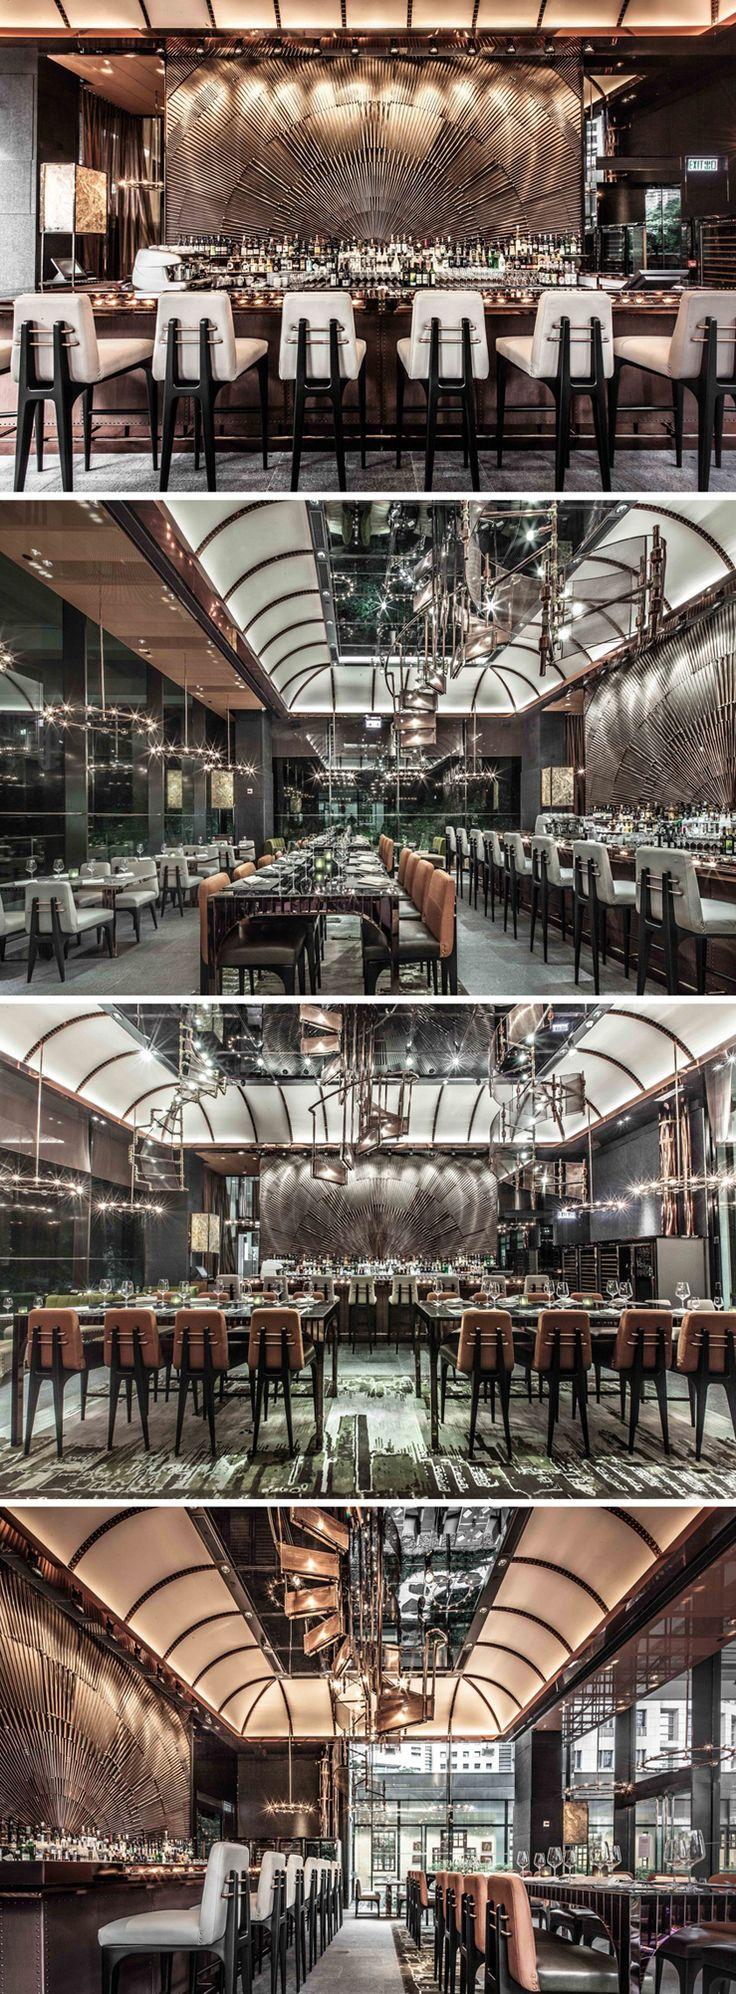 AMMO_Pub & Restaurant by Joyce Wang